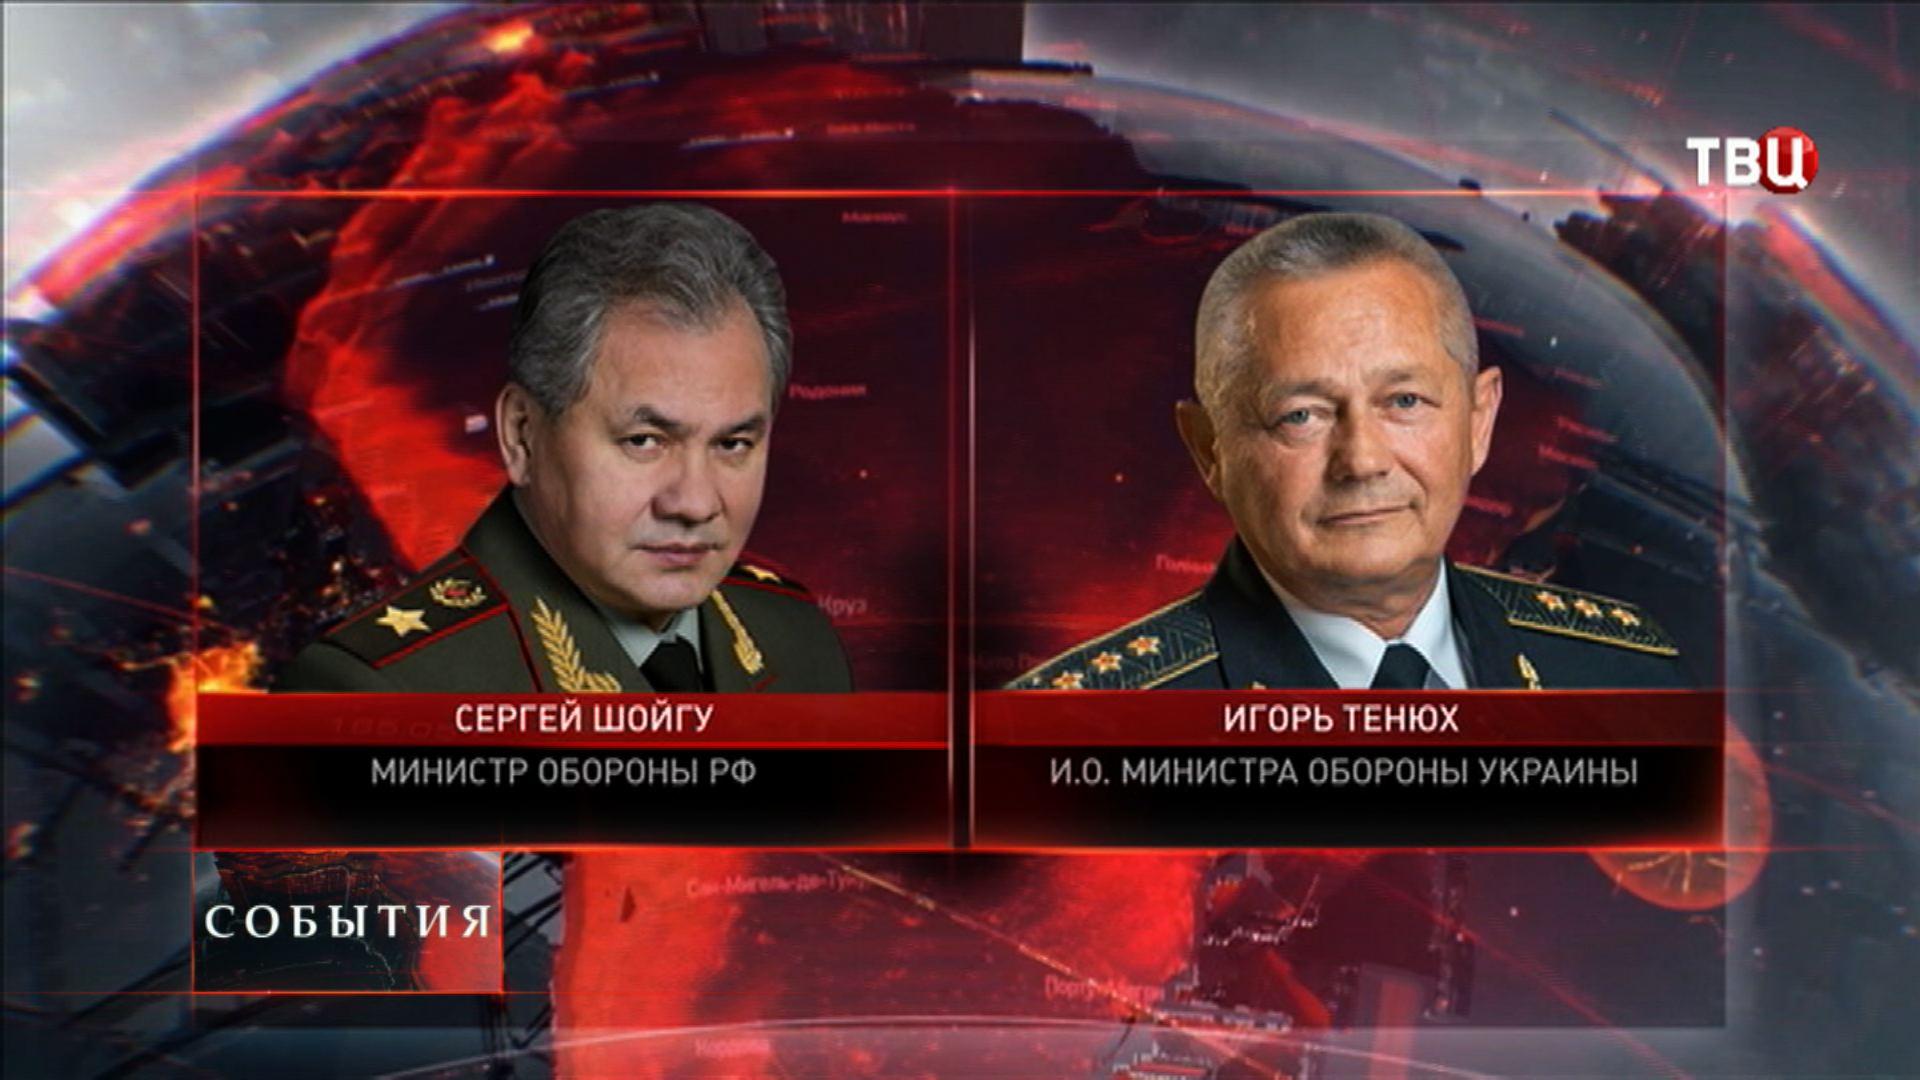 Министр обороны РФ Сергей Шойгу и И.О. министр обороны Украины Игорь Тенюх